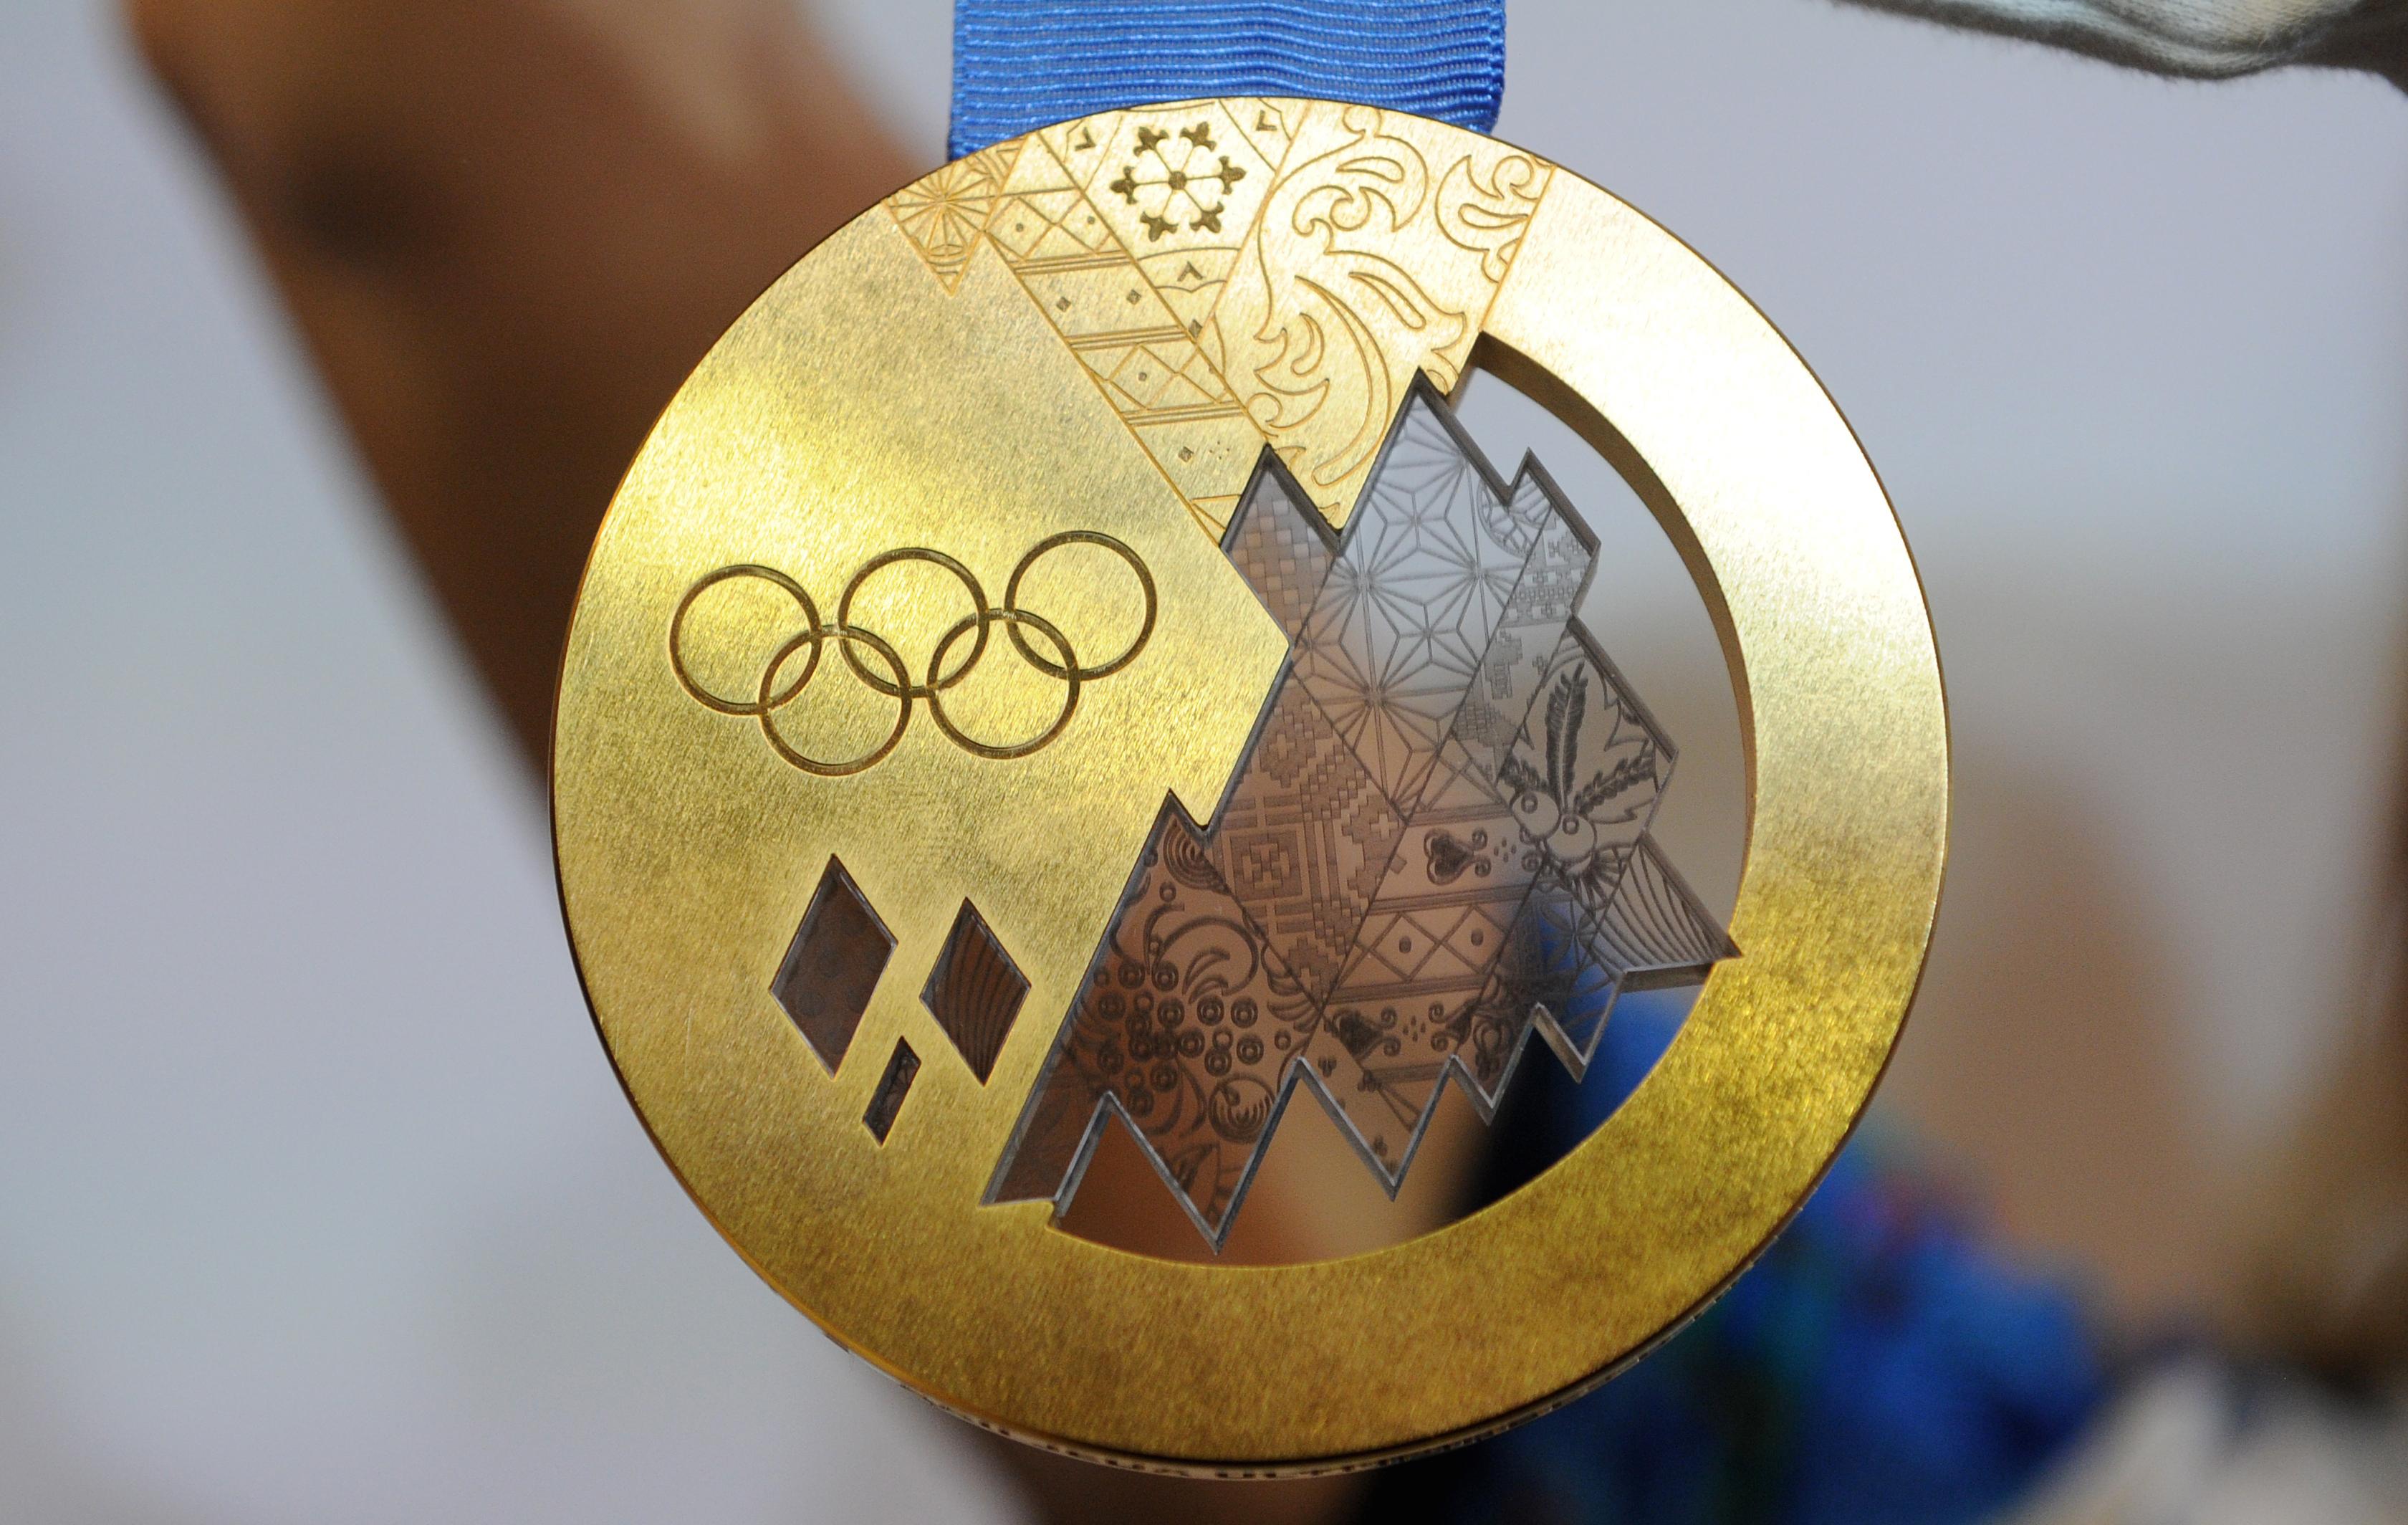 la france vise un record de 15 m dailles sotchi 2014 jeux olympiques. Black Bedroom Furniture Sets. Home Design Ideas